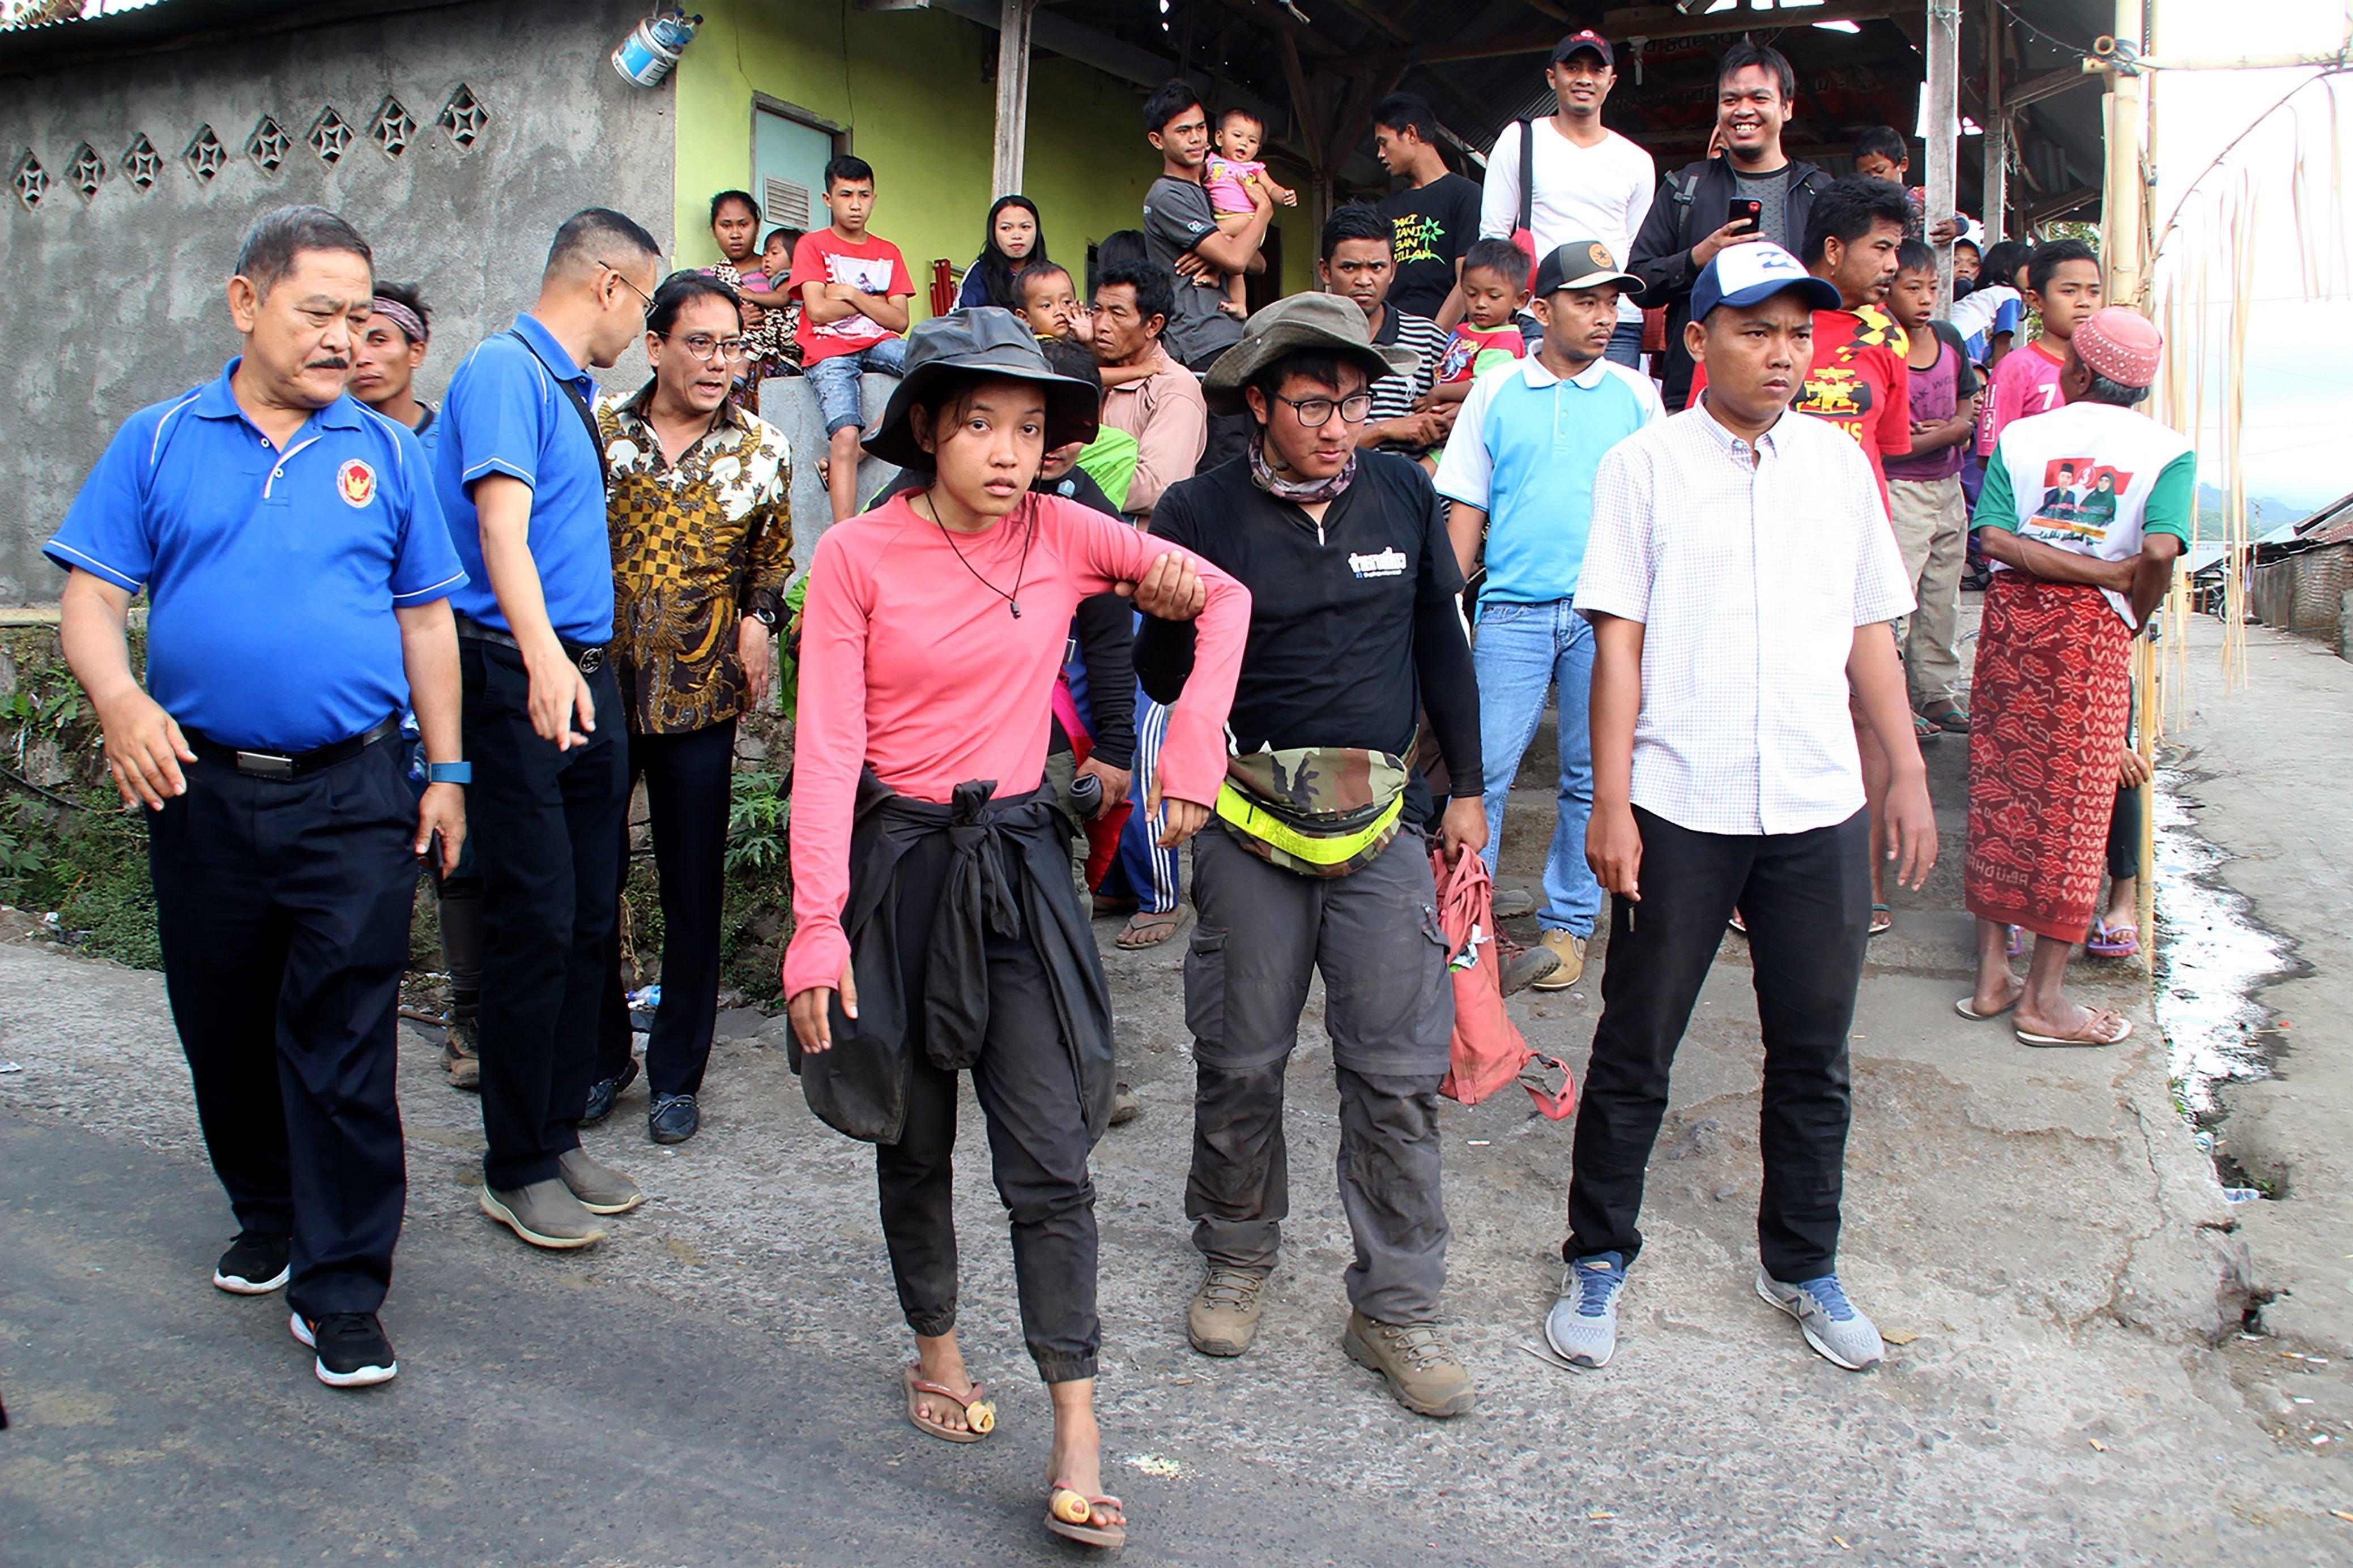 Αίσιο τέλος για περισσότερα από 500 άτομα που εγκλωβίστηκαν στη νήσο Λομπόκ της Ινδονησίας μετά τον σεισμό των 6,4